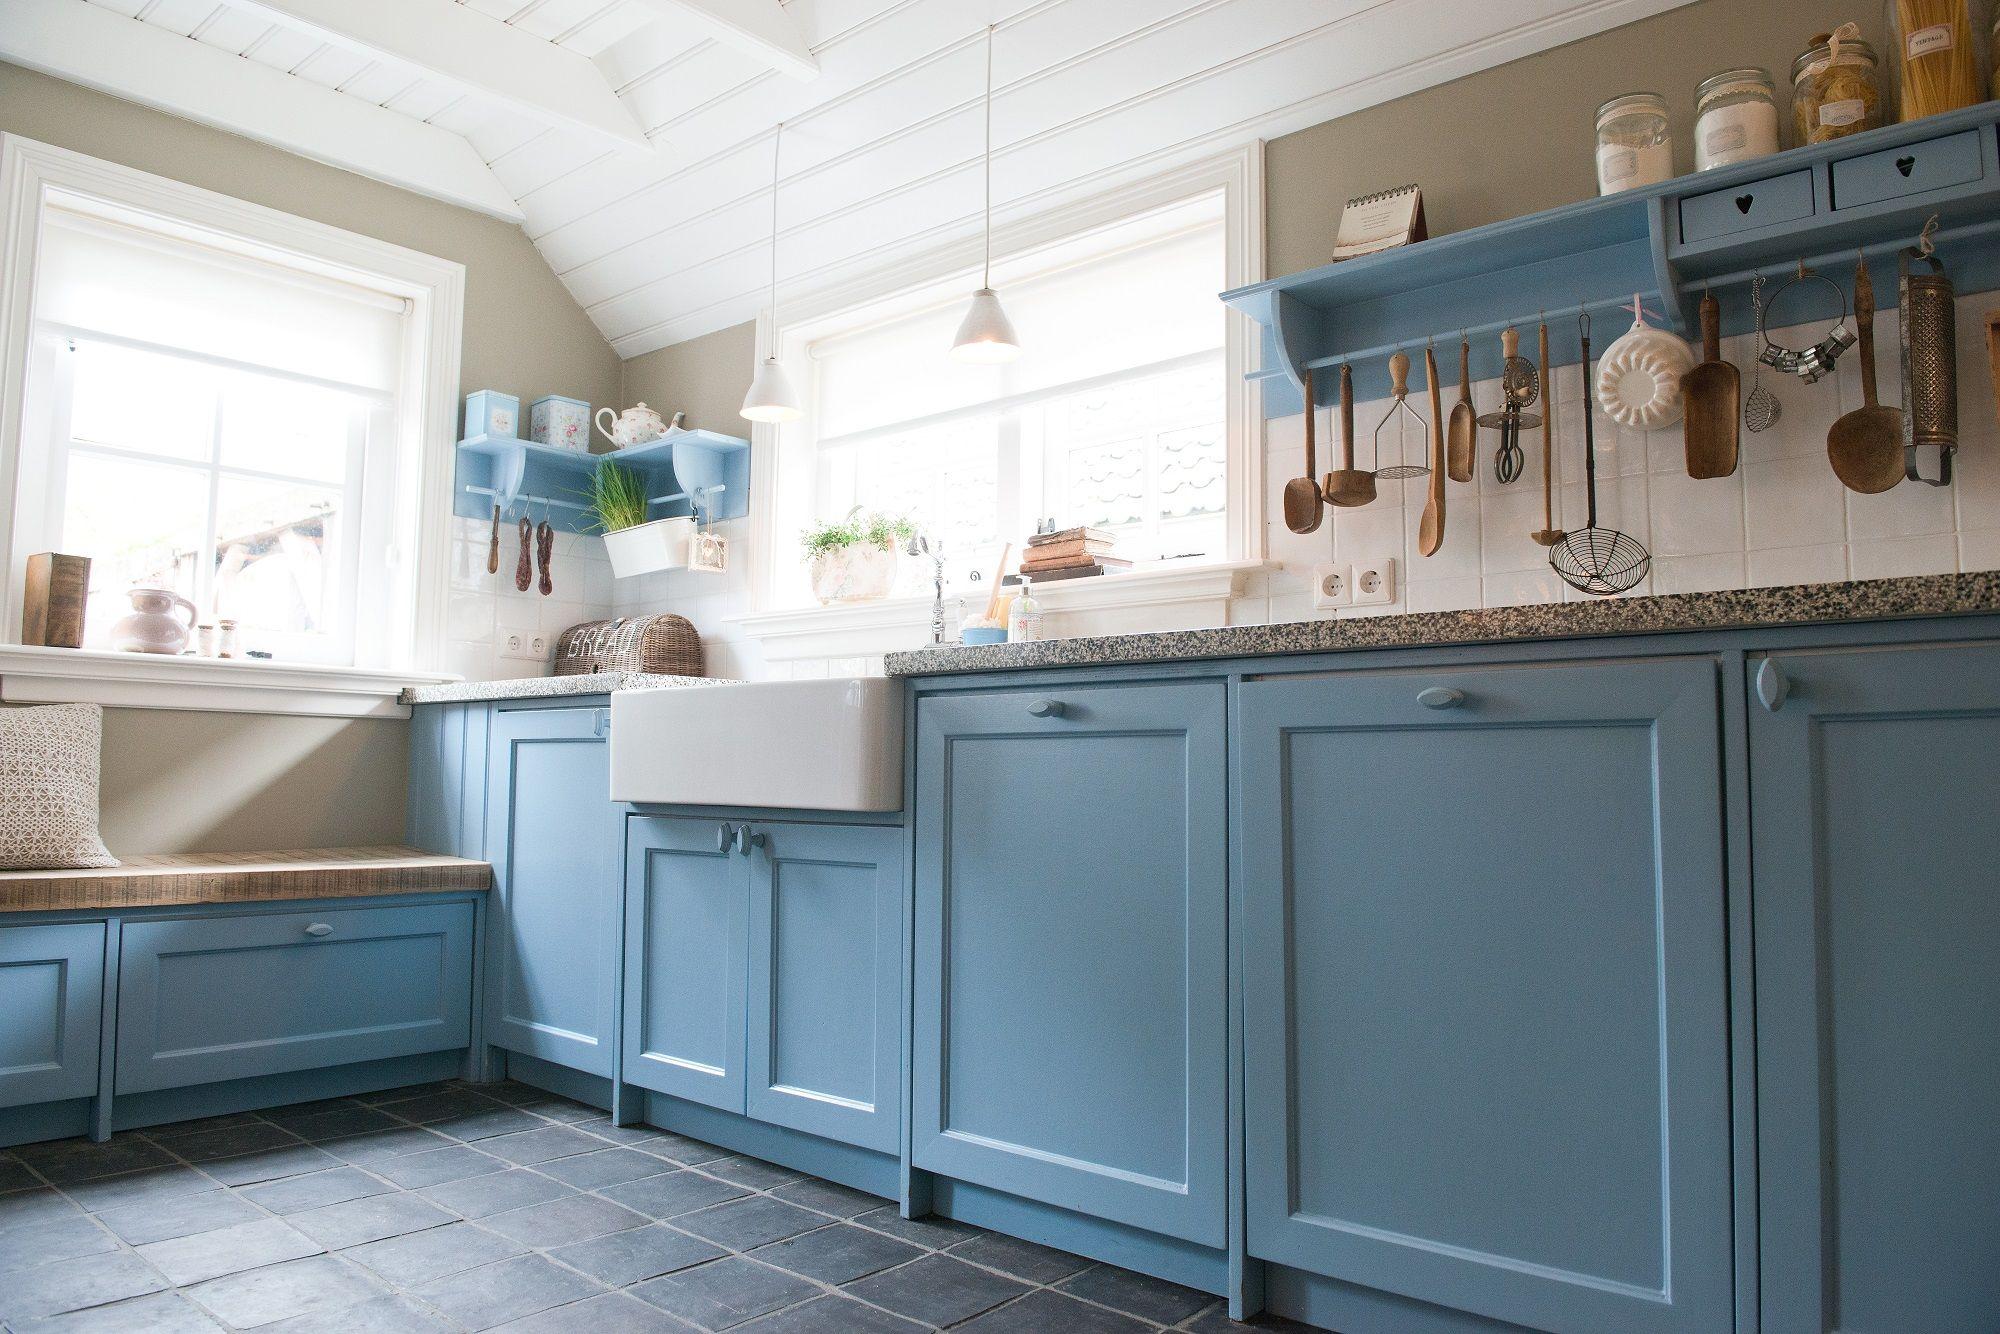 Deze prachtige landelijk blauwe keuken maakt het plaatje van een